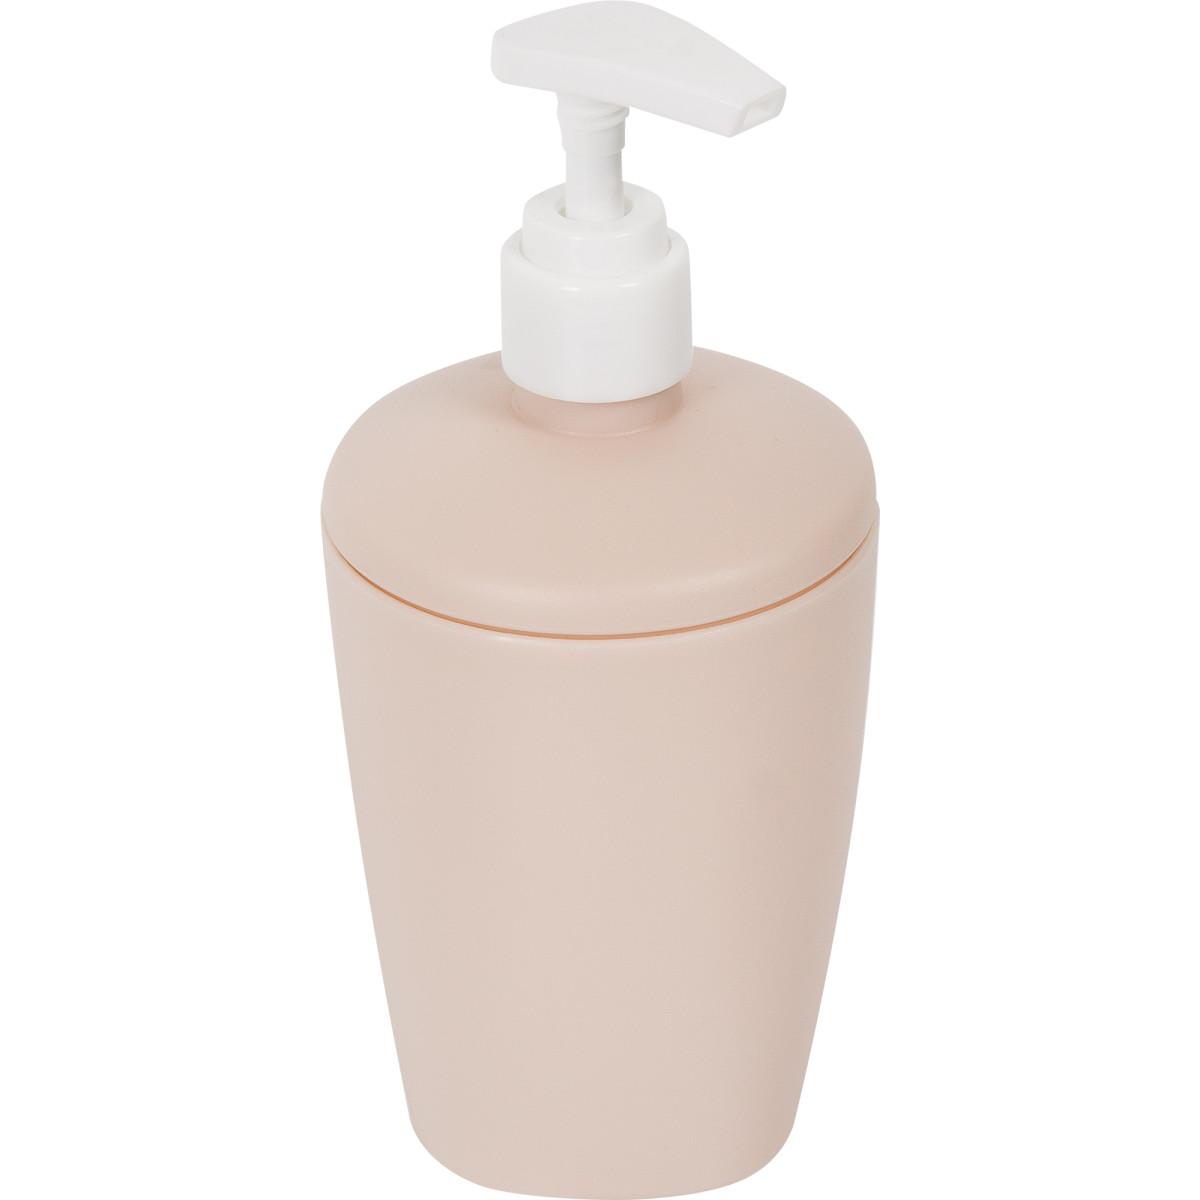 Диспенсер для жидкого мыла Aqua цвет белый